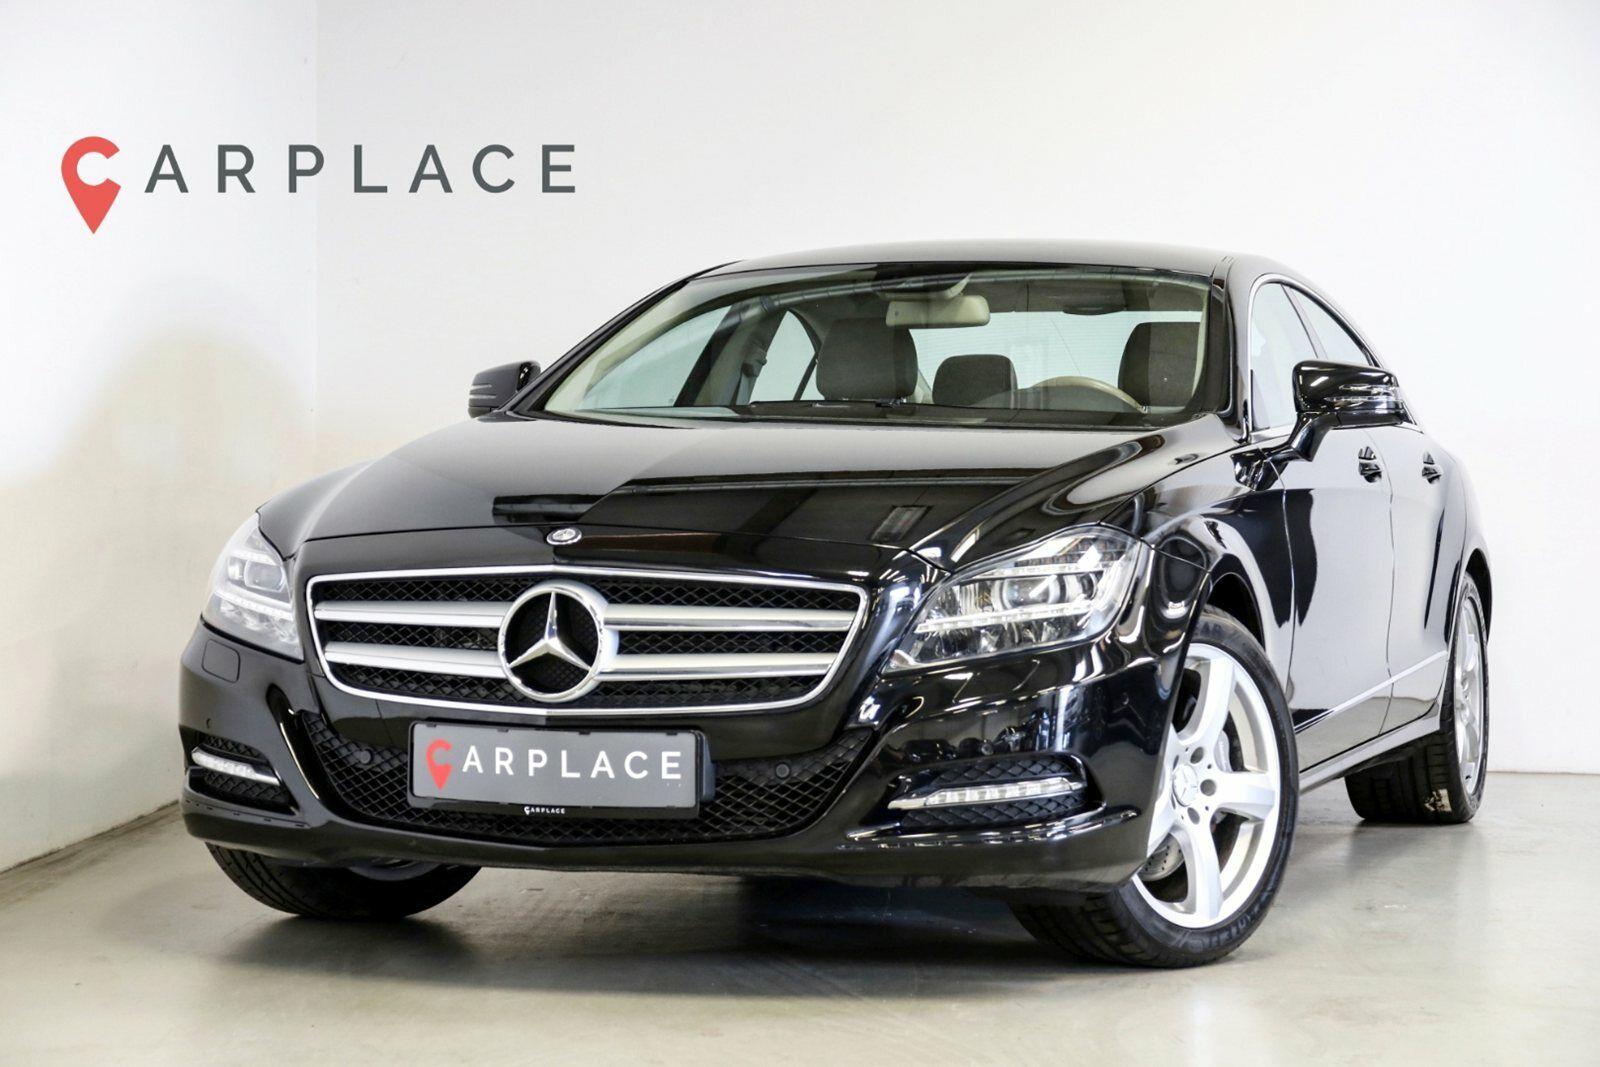 Mercedes CLS350 3,0 BlueTEC aut. 4d - 519.900 kr.